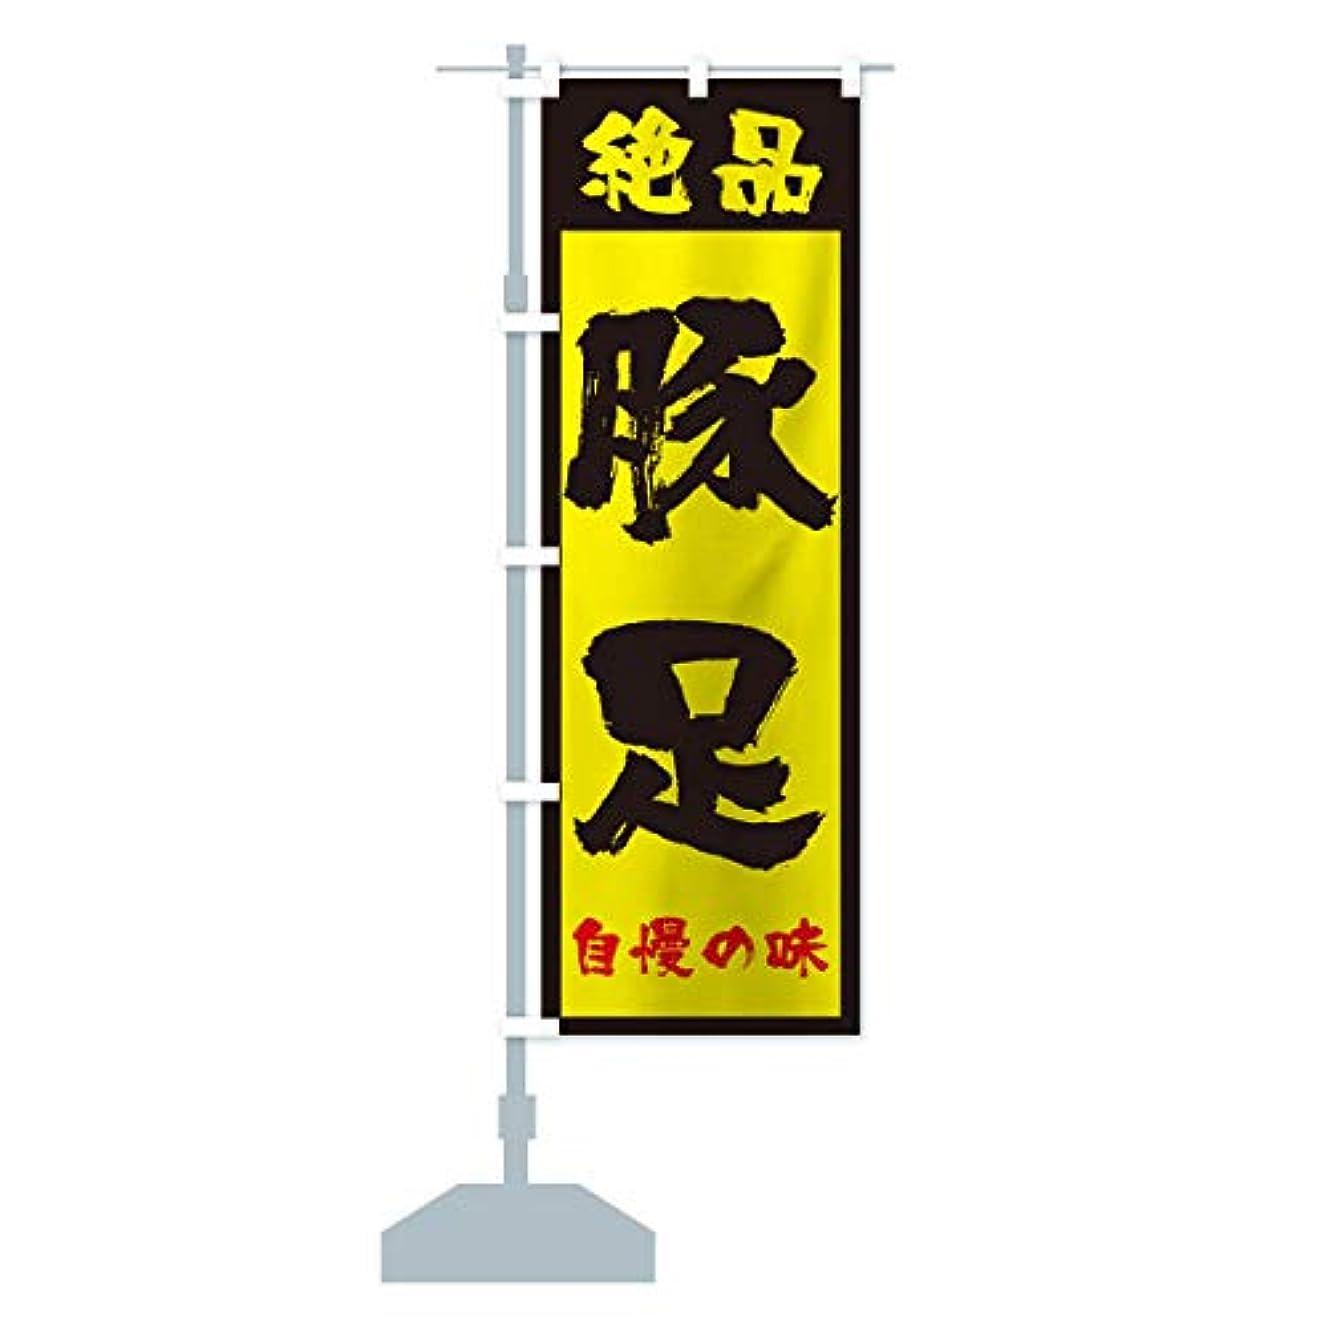 スポンジ従順な期待して豚足 のぼり旗(レギュラー60x180cm 左チチ 標準)